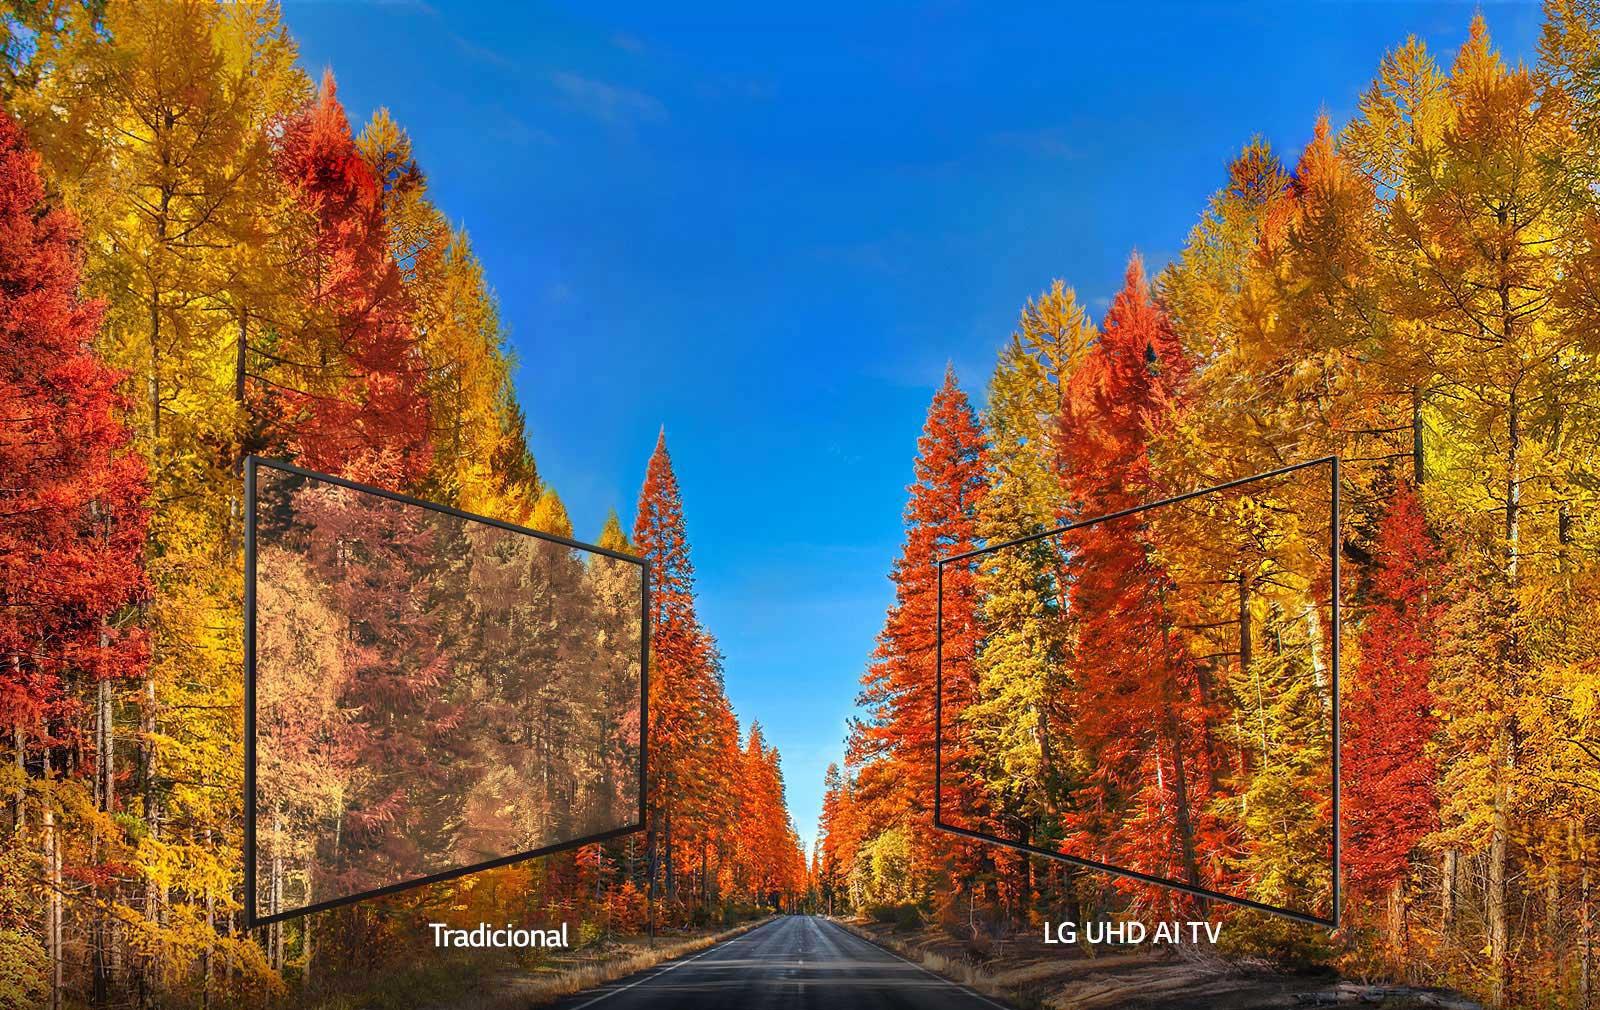 Painel IPS 4K: Imagens ideais de qualquer ângulo  A tecnologia IPS das LG UHD AI TVs, mantém cores mais  precisas e permite que todos apreciem a  imagem perfeita de qualquer ângulo.